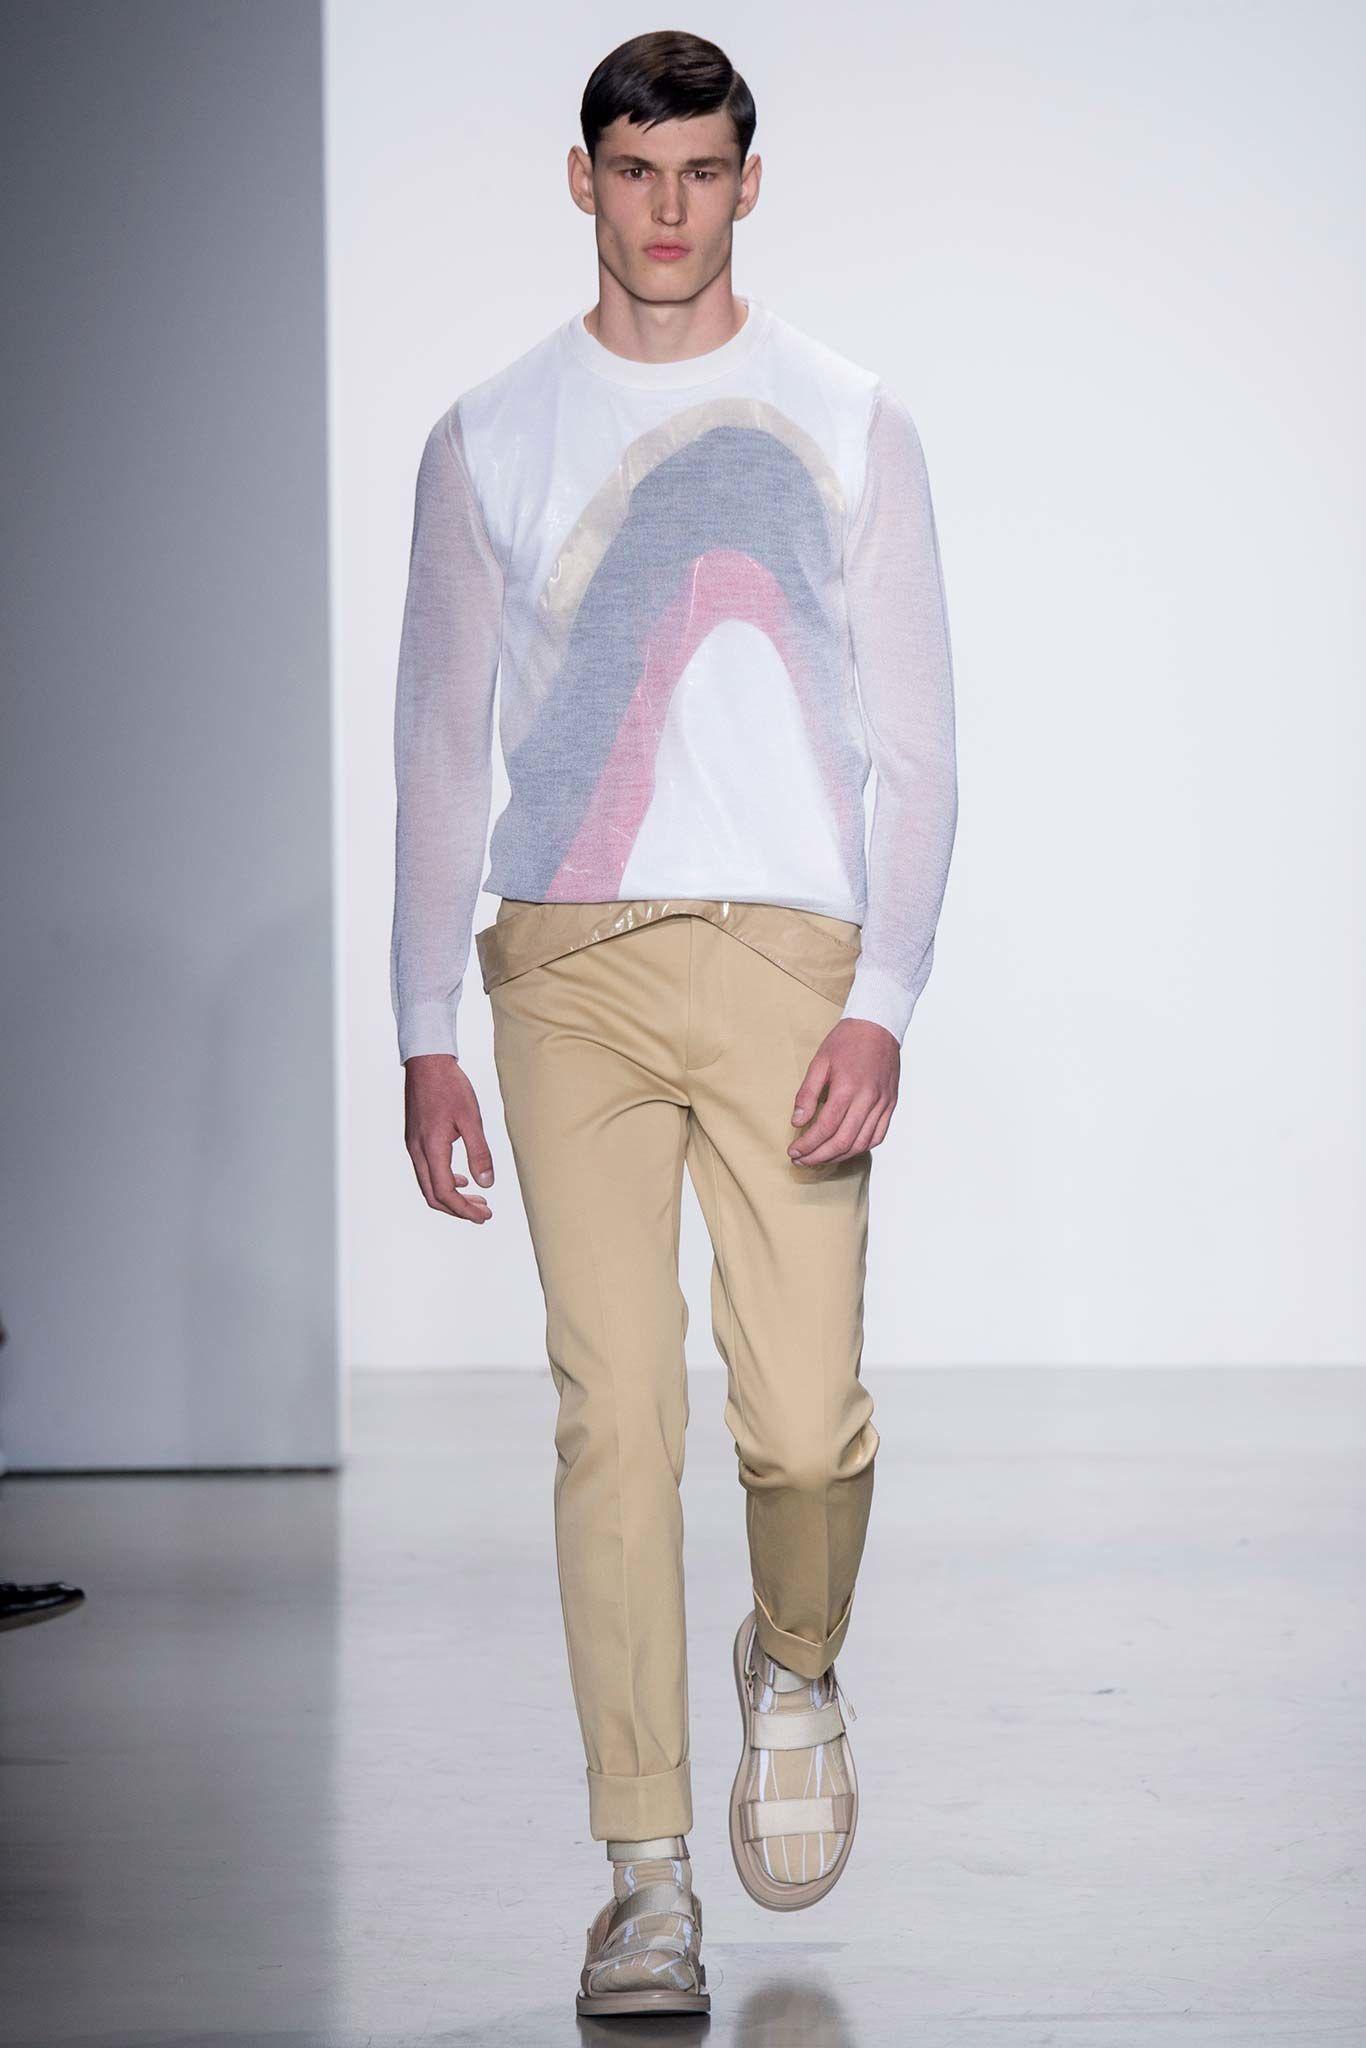 Calvin Klein Collection Spring 2016 Menswear Fashion Show - Markus Lauenborg Breitenstein